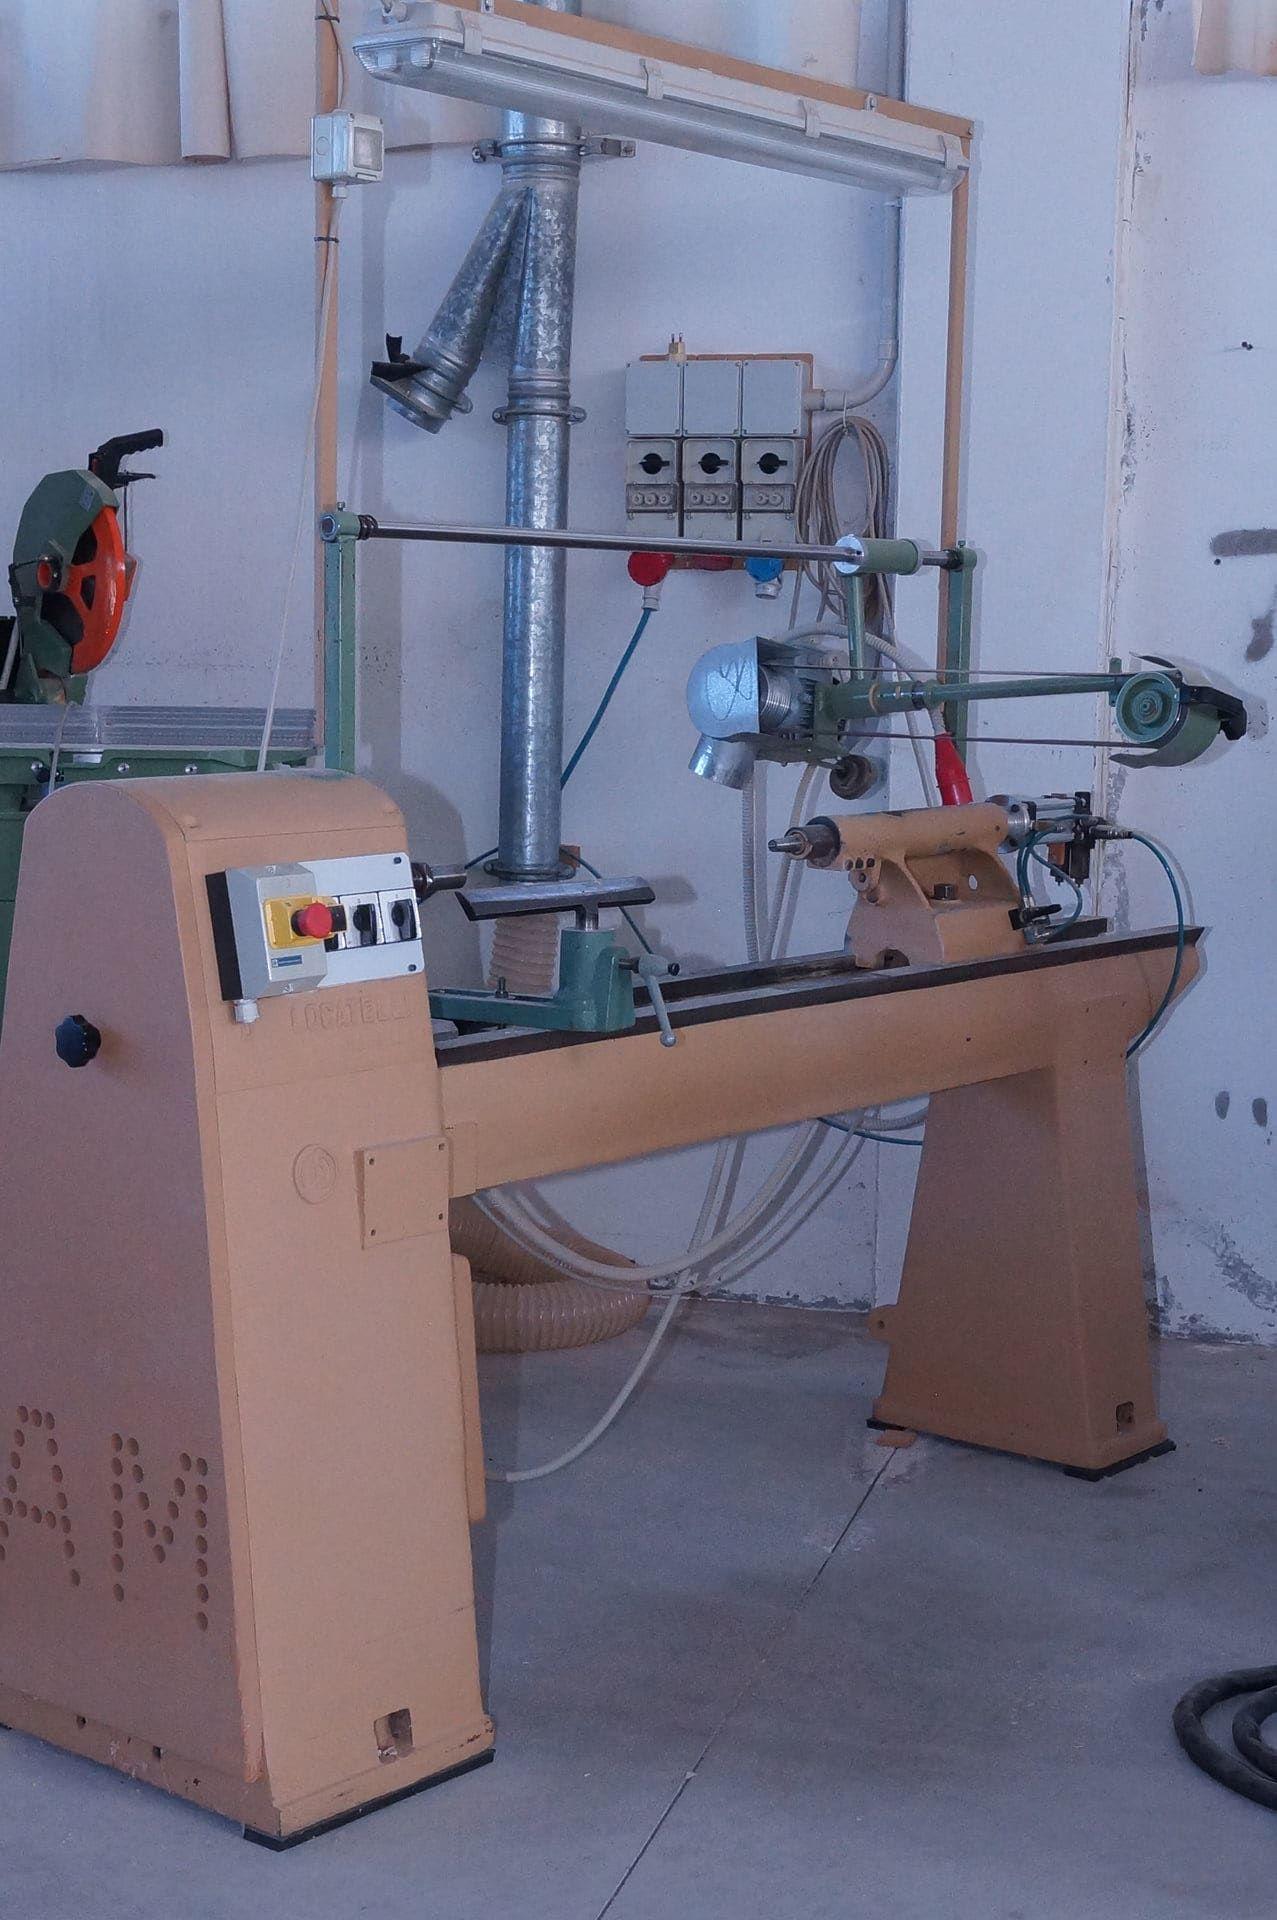 LOCATELLI Bandschleifmaschine für Drehmaschinen